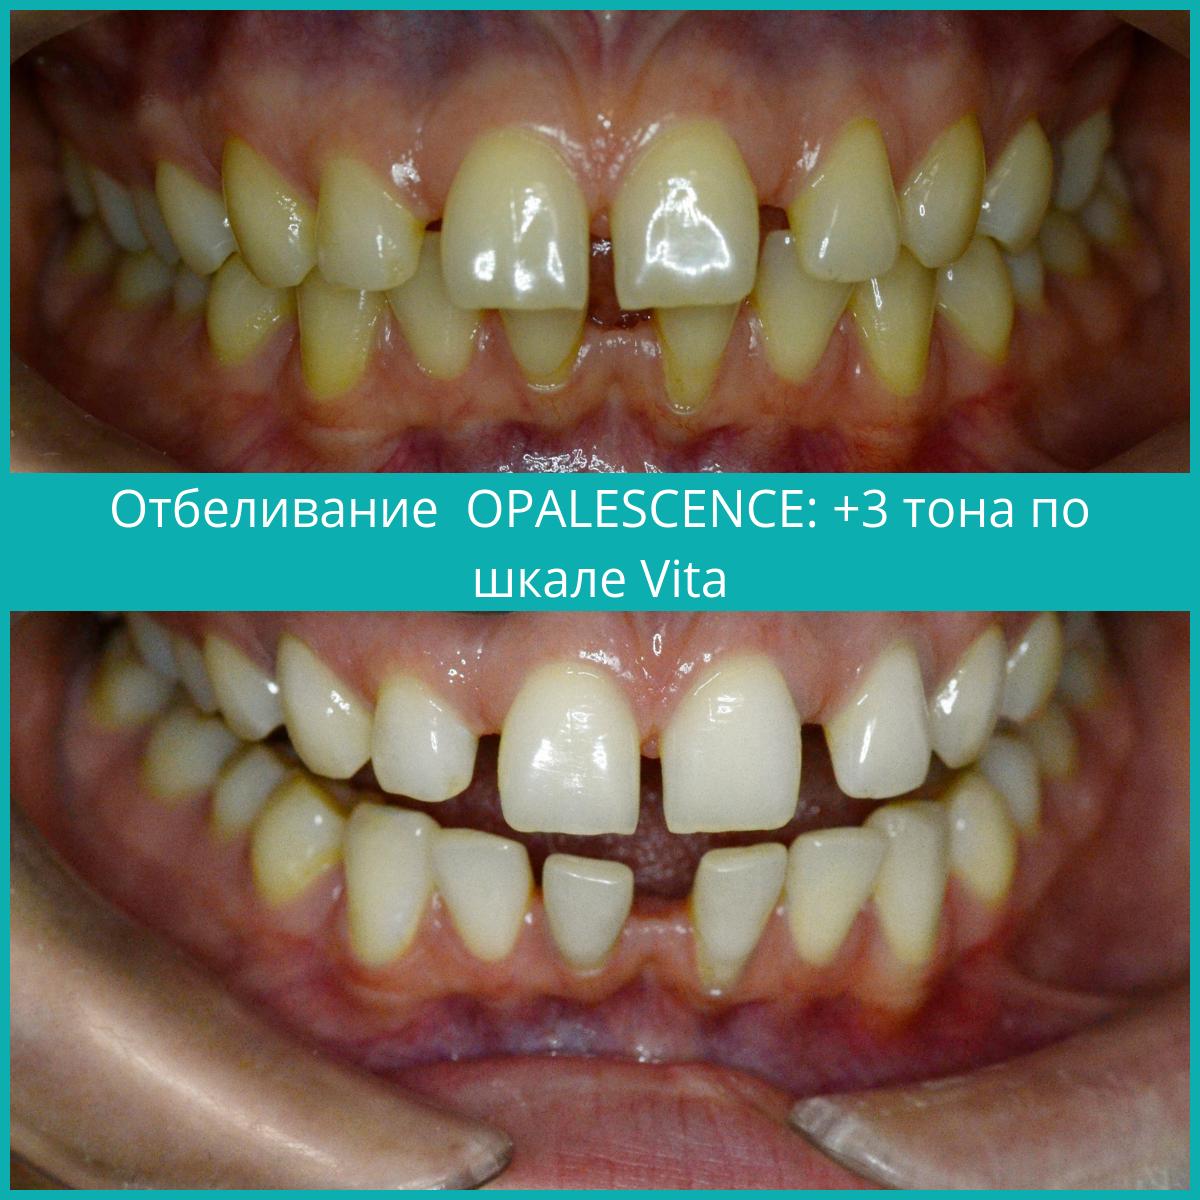 Отбеливание-Opalscence.png